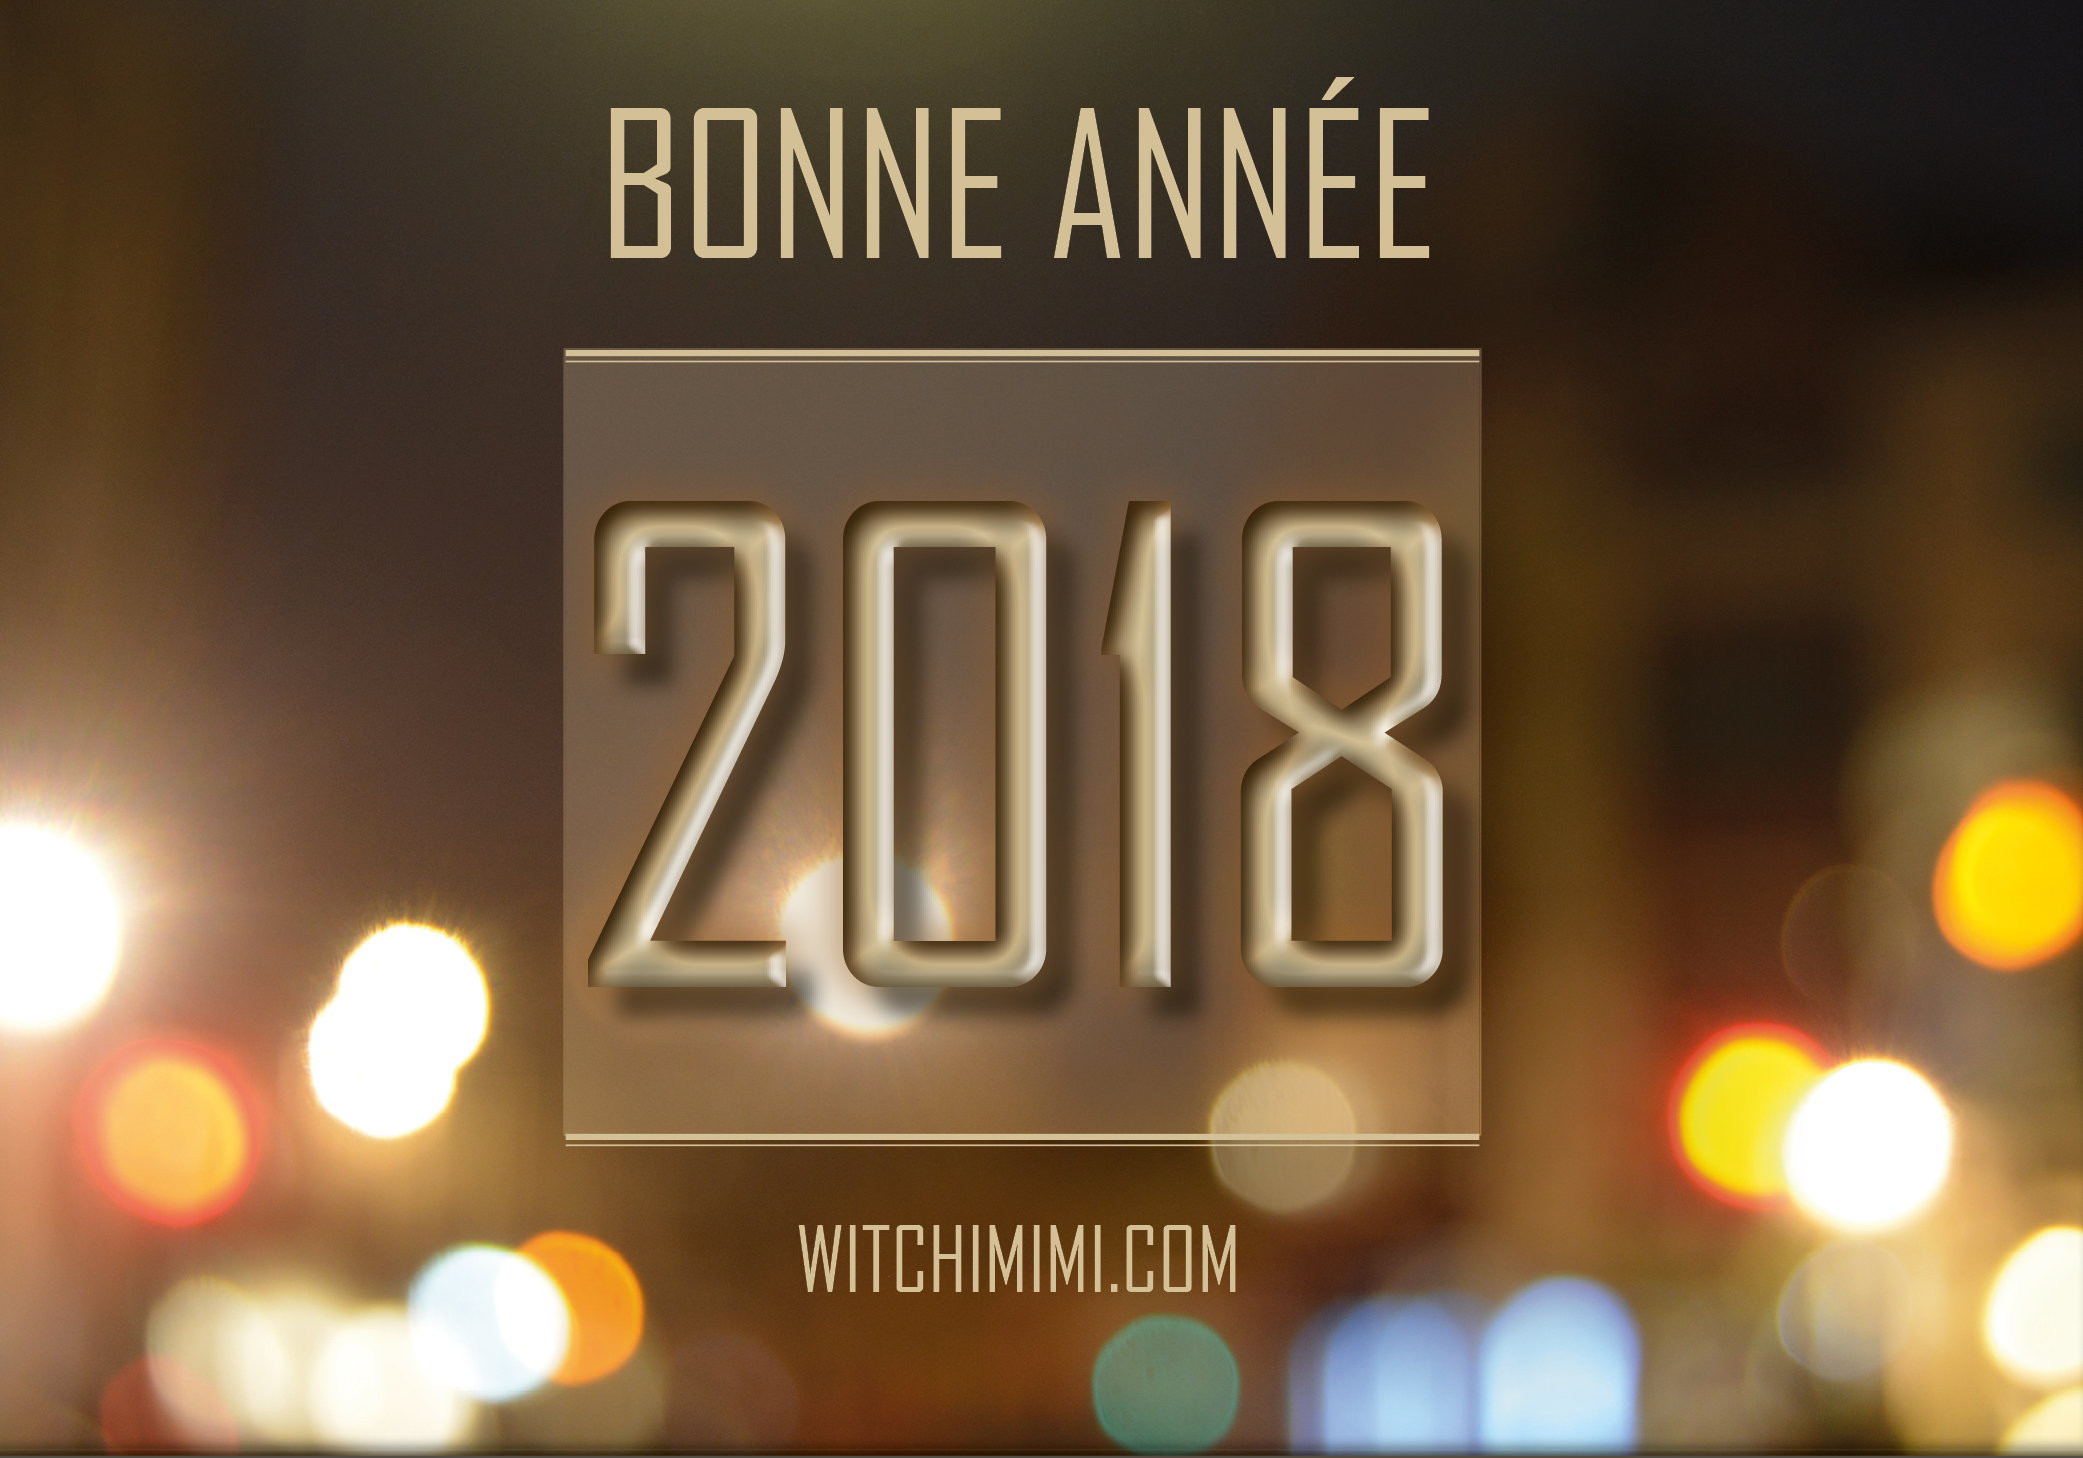 Bonne année 2018 - Witchimimi